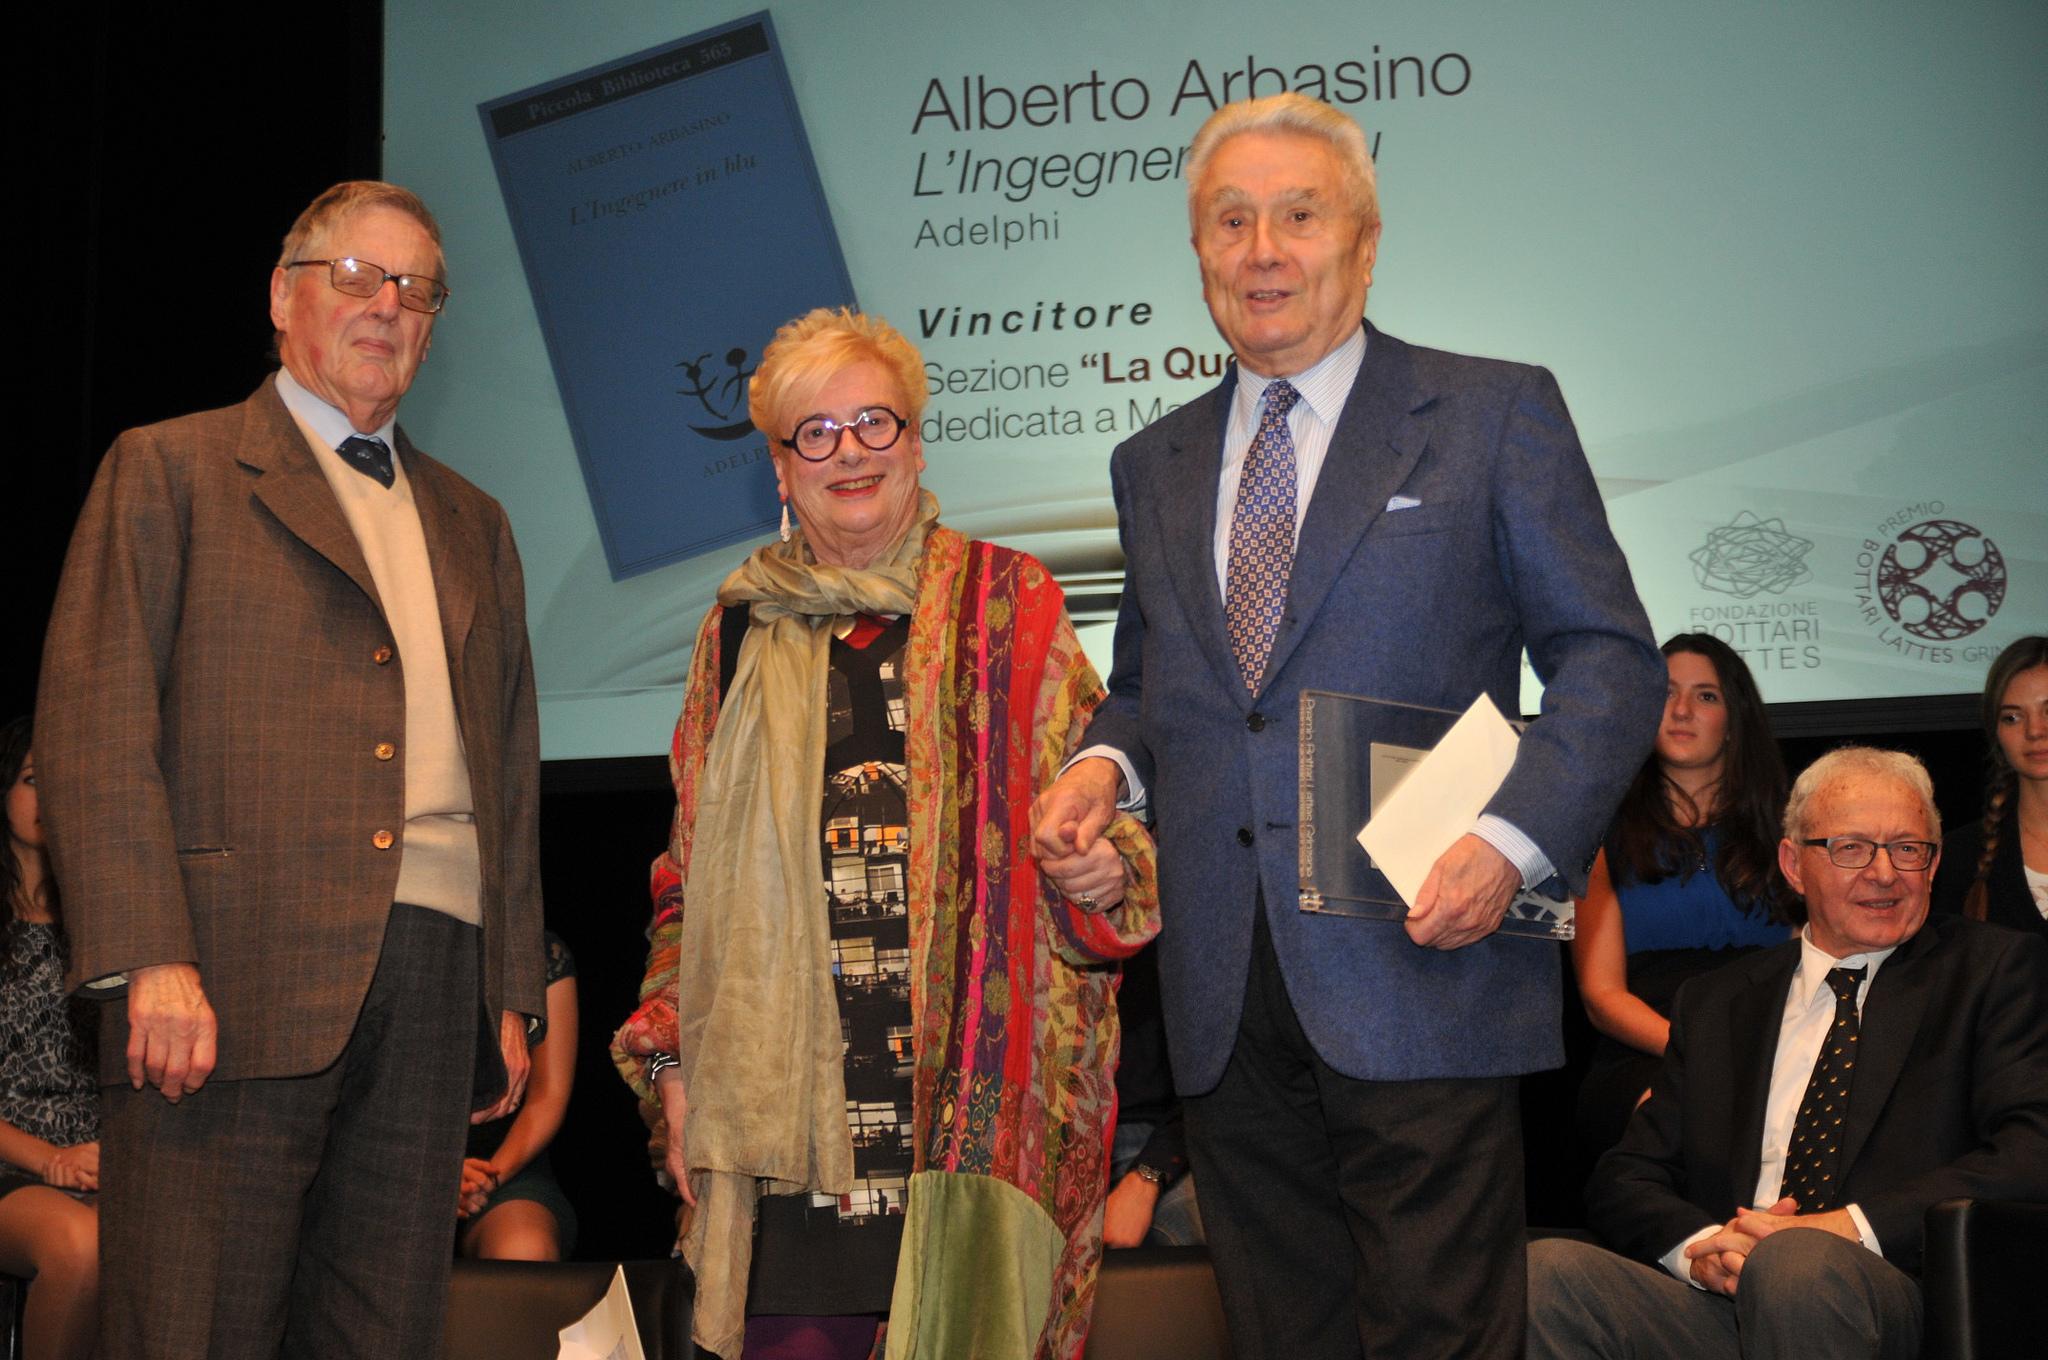 Premiazione Arbasino premio 2013